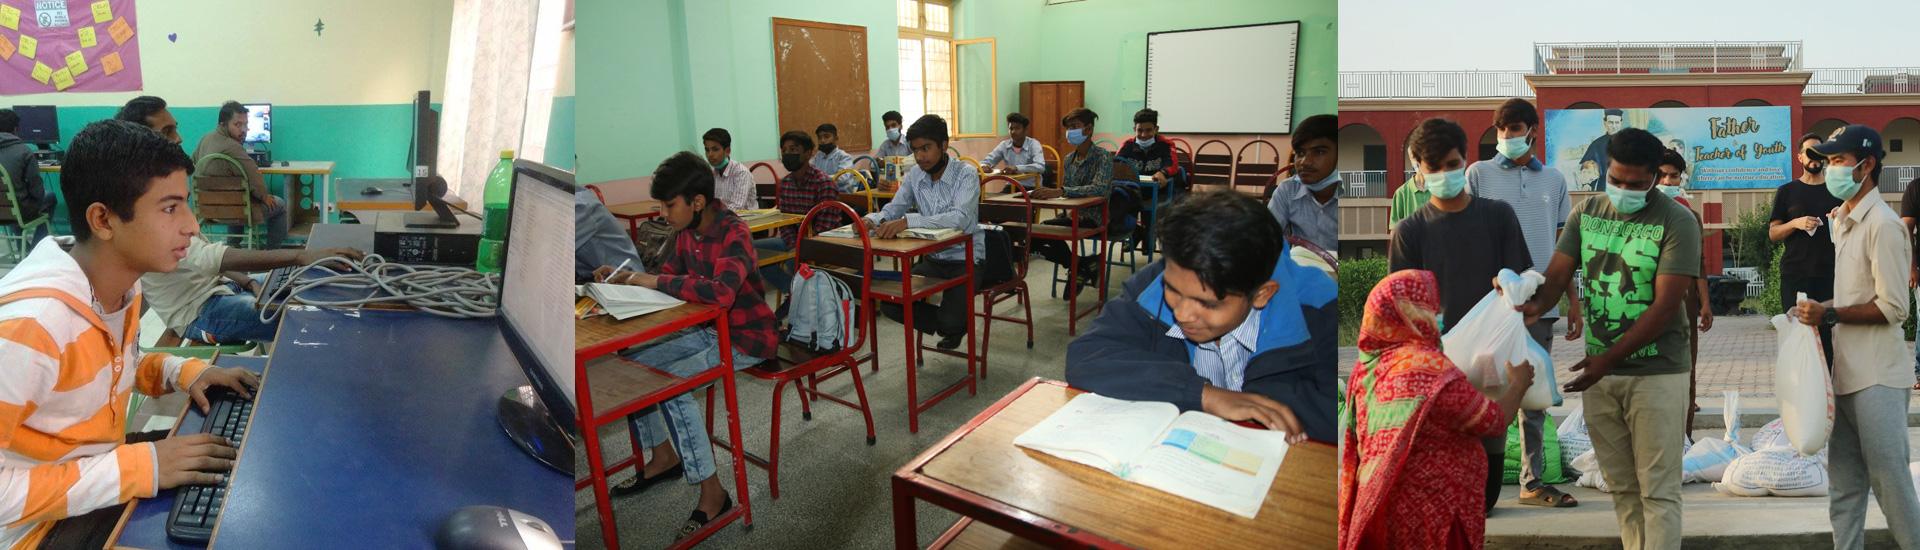 Educación salesiana de excelencia en Pakistán en medio de las dificultades